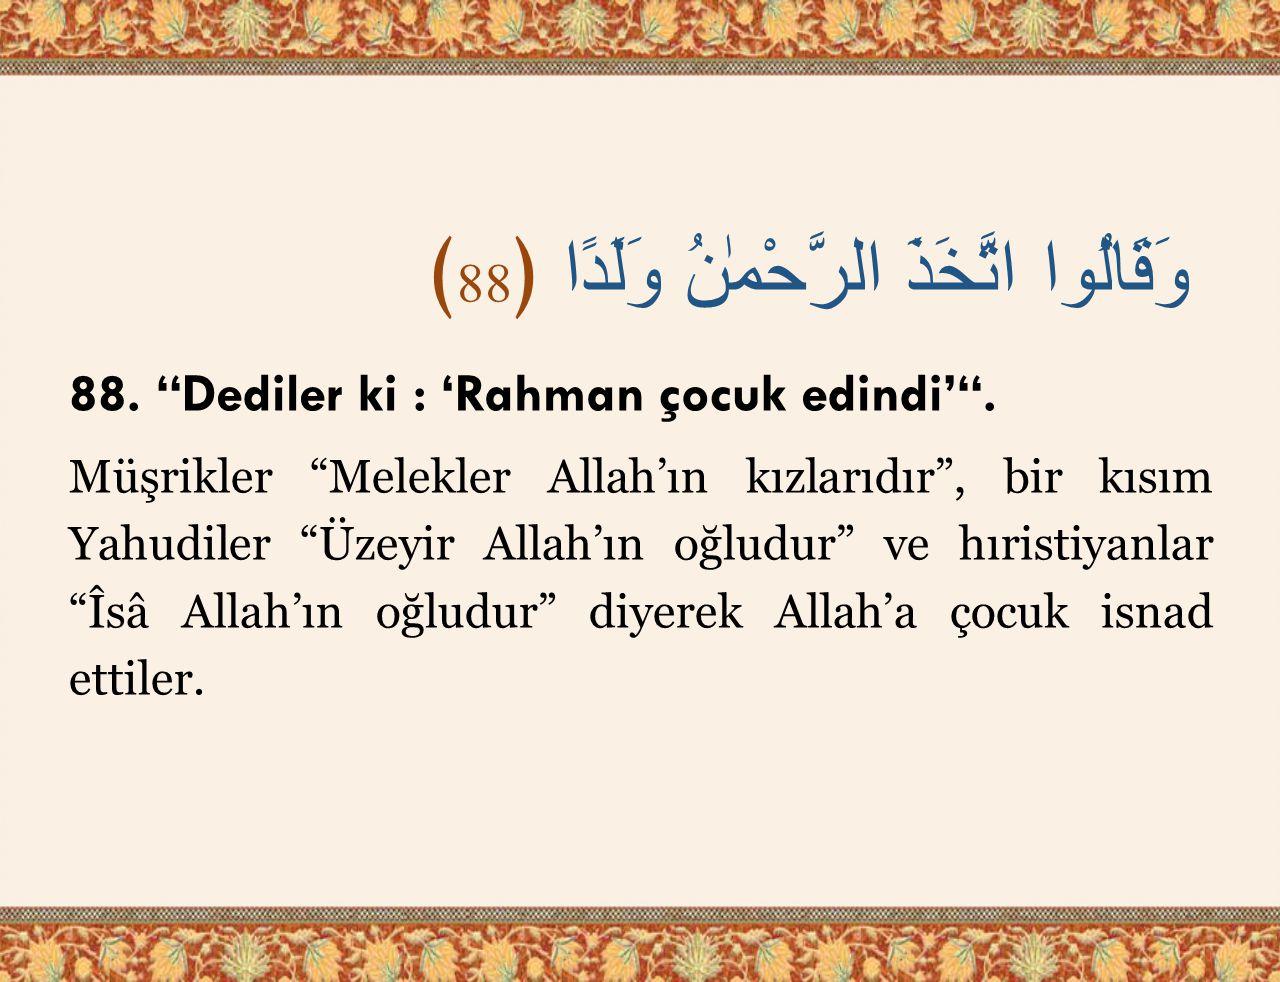 وَقَالُوا اتَّخَذَ الرَّحْمٰنُ وَلَدًا ﴿ 88 ﴾ 88. Dediler ki : 'Rahman çocuk edindi' .